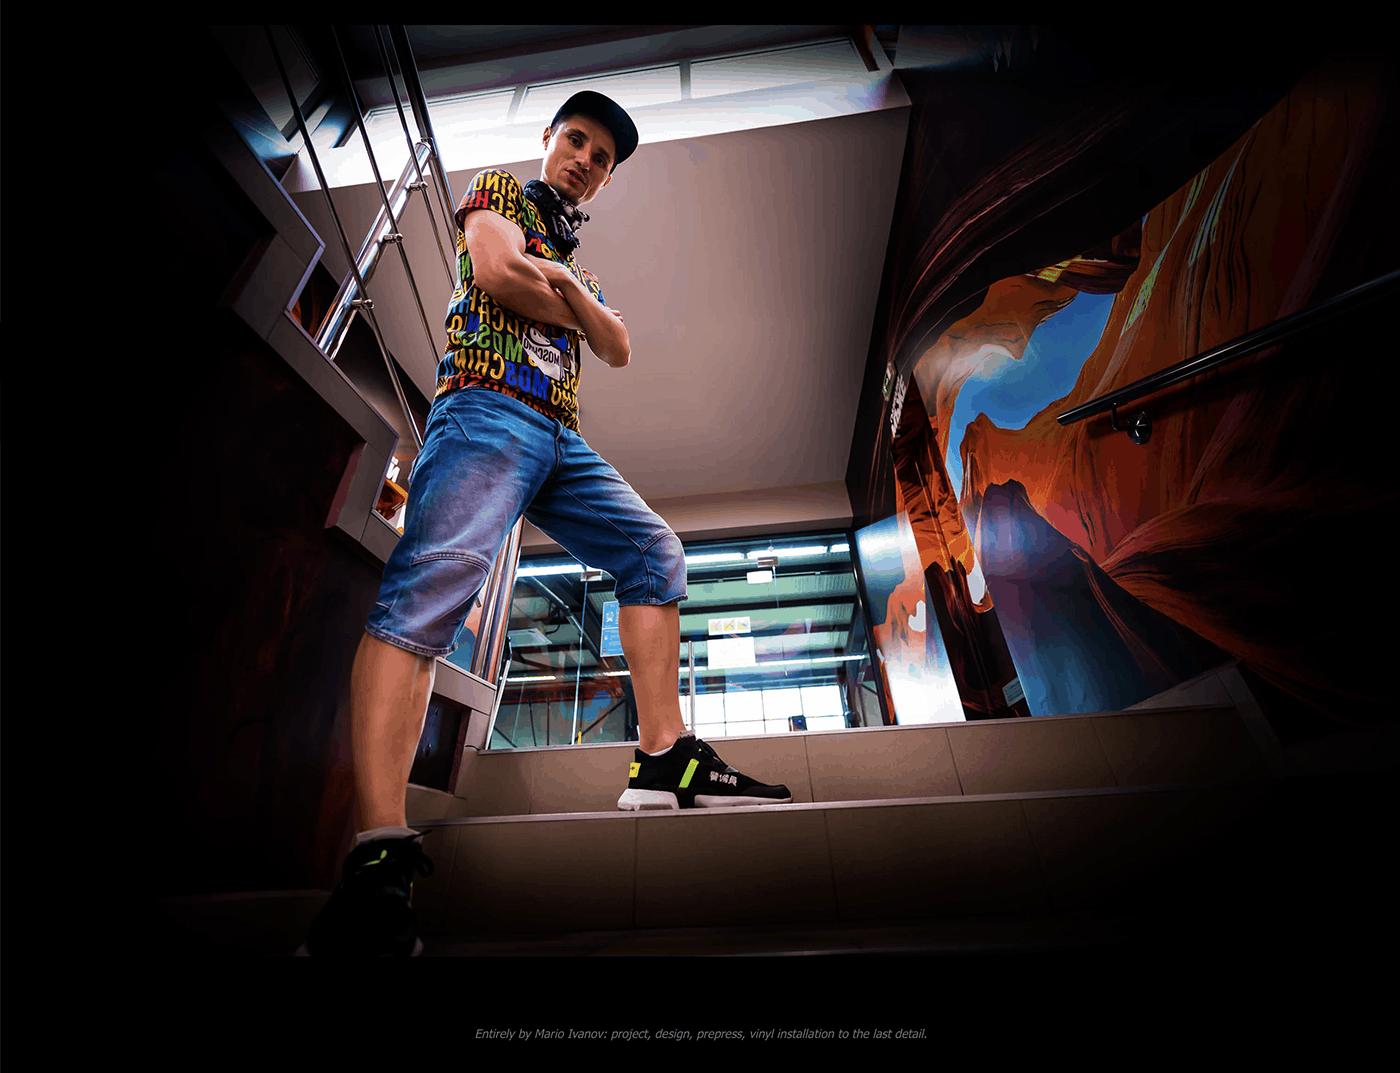 фитнес дизайн Марио Иванов от Muse Creativity цялостен брандинг и реклама 4